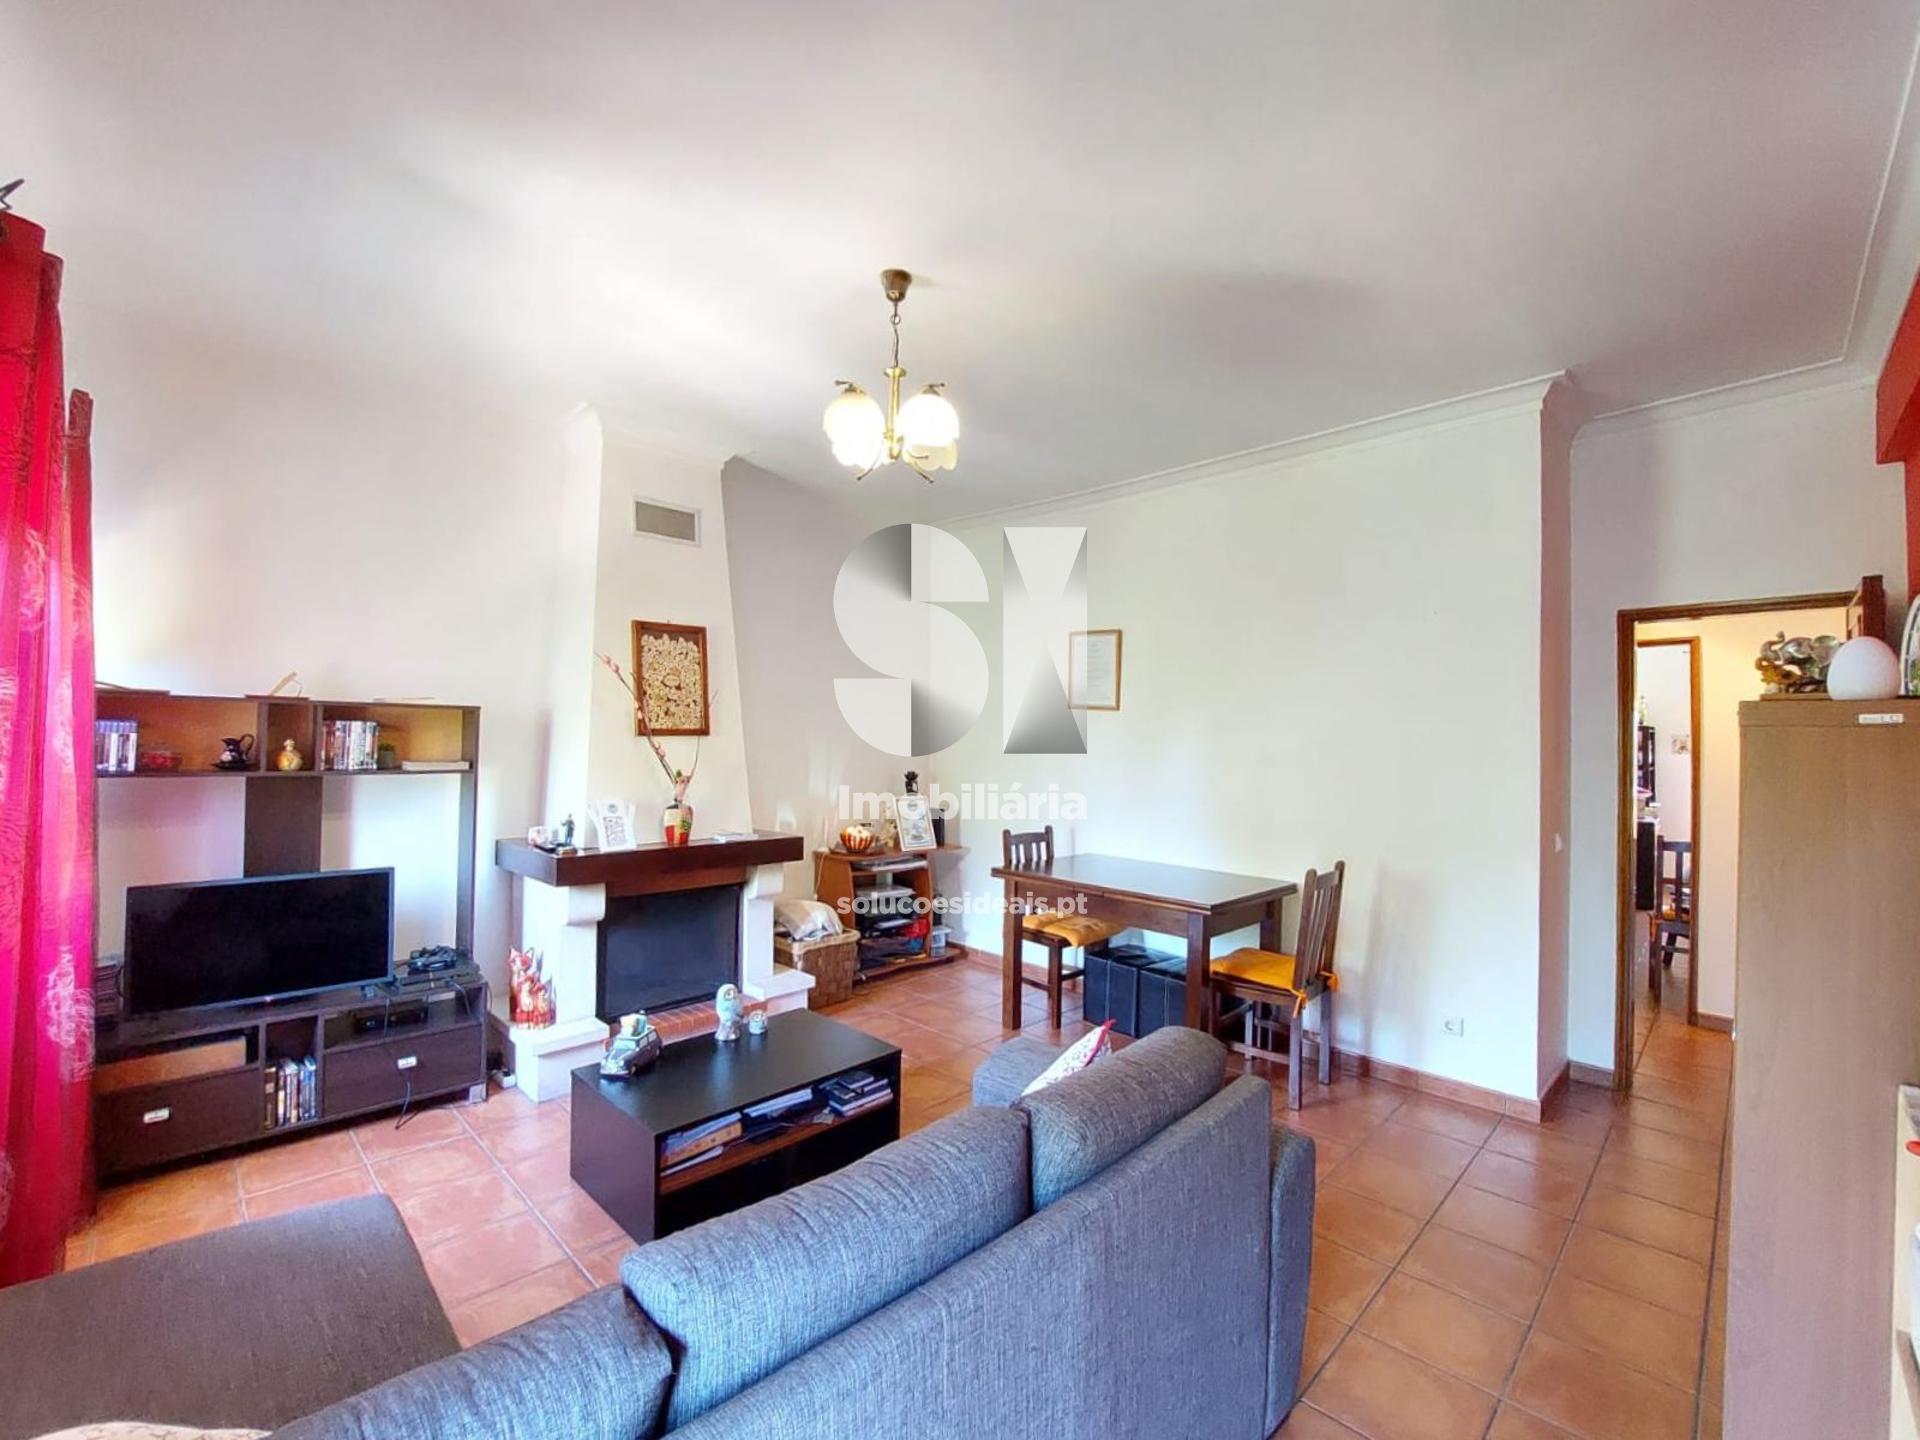 apartamento t2 para compra em torres novas uniao das freguesias de torres novas sao pedro lapas e ribeira branca TNVPS59